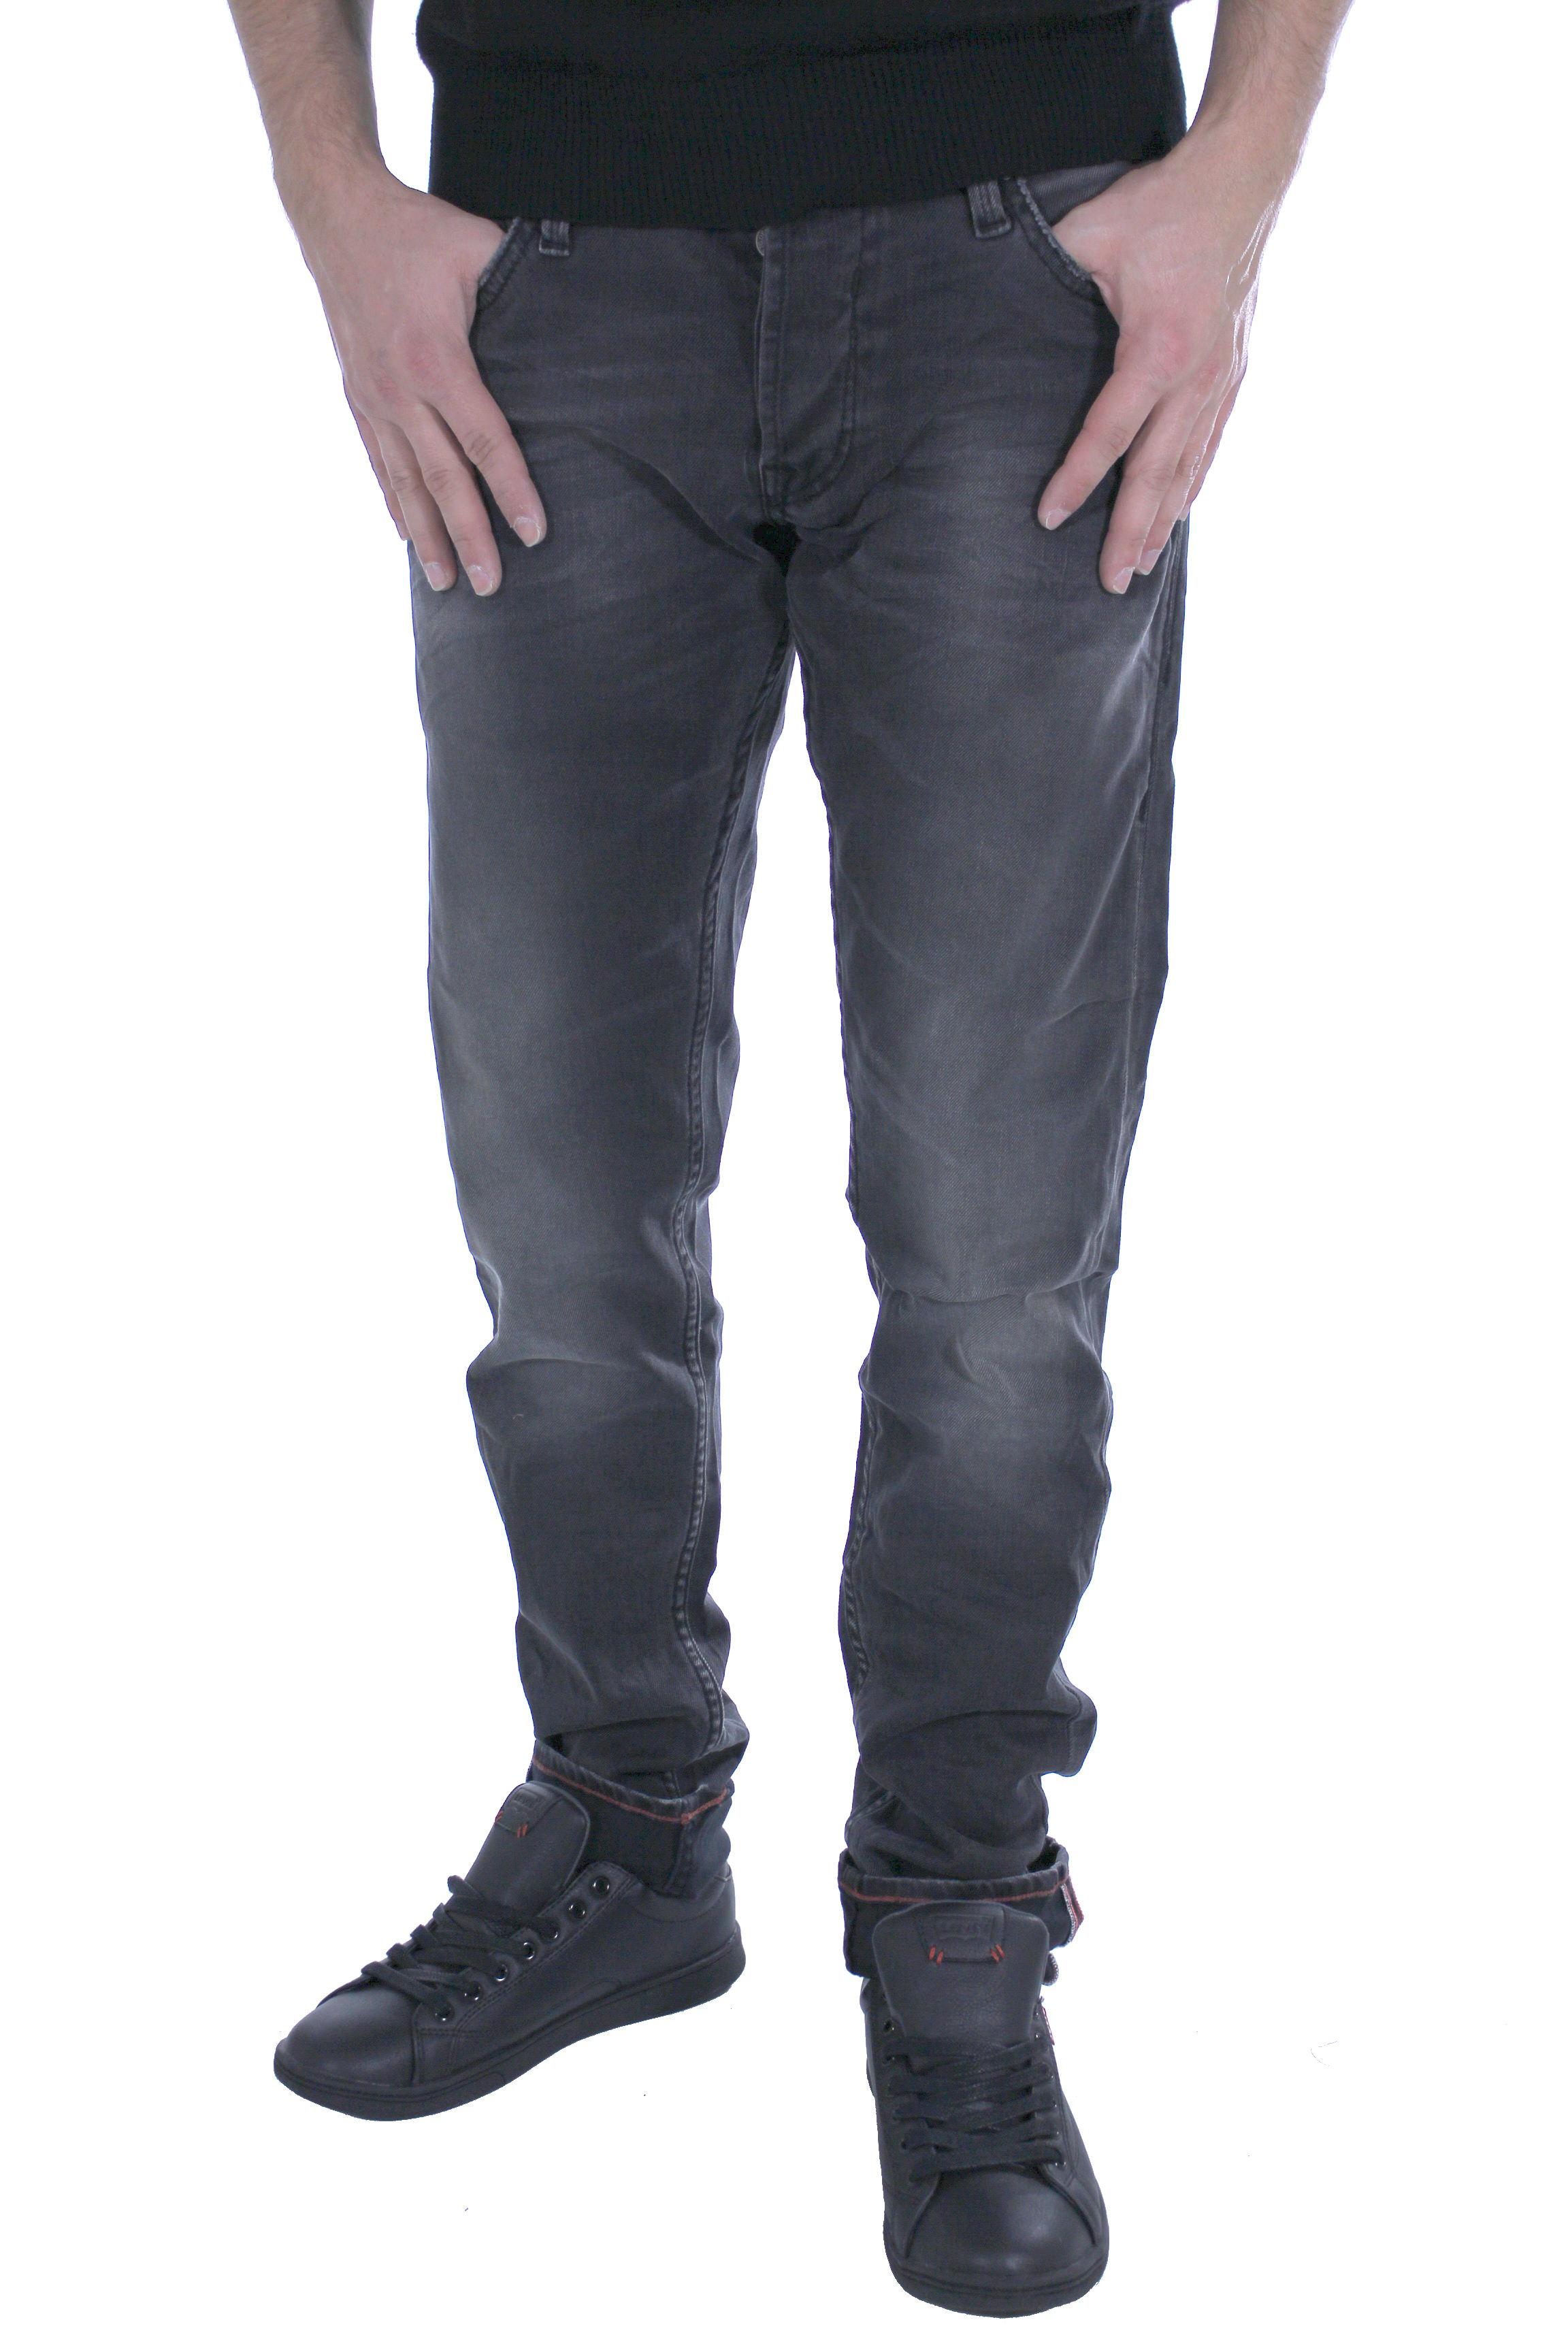 Japan Rags - Jeans homme 711WT168 noir usé